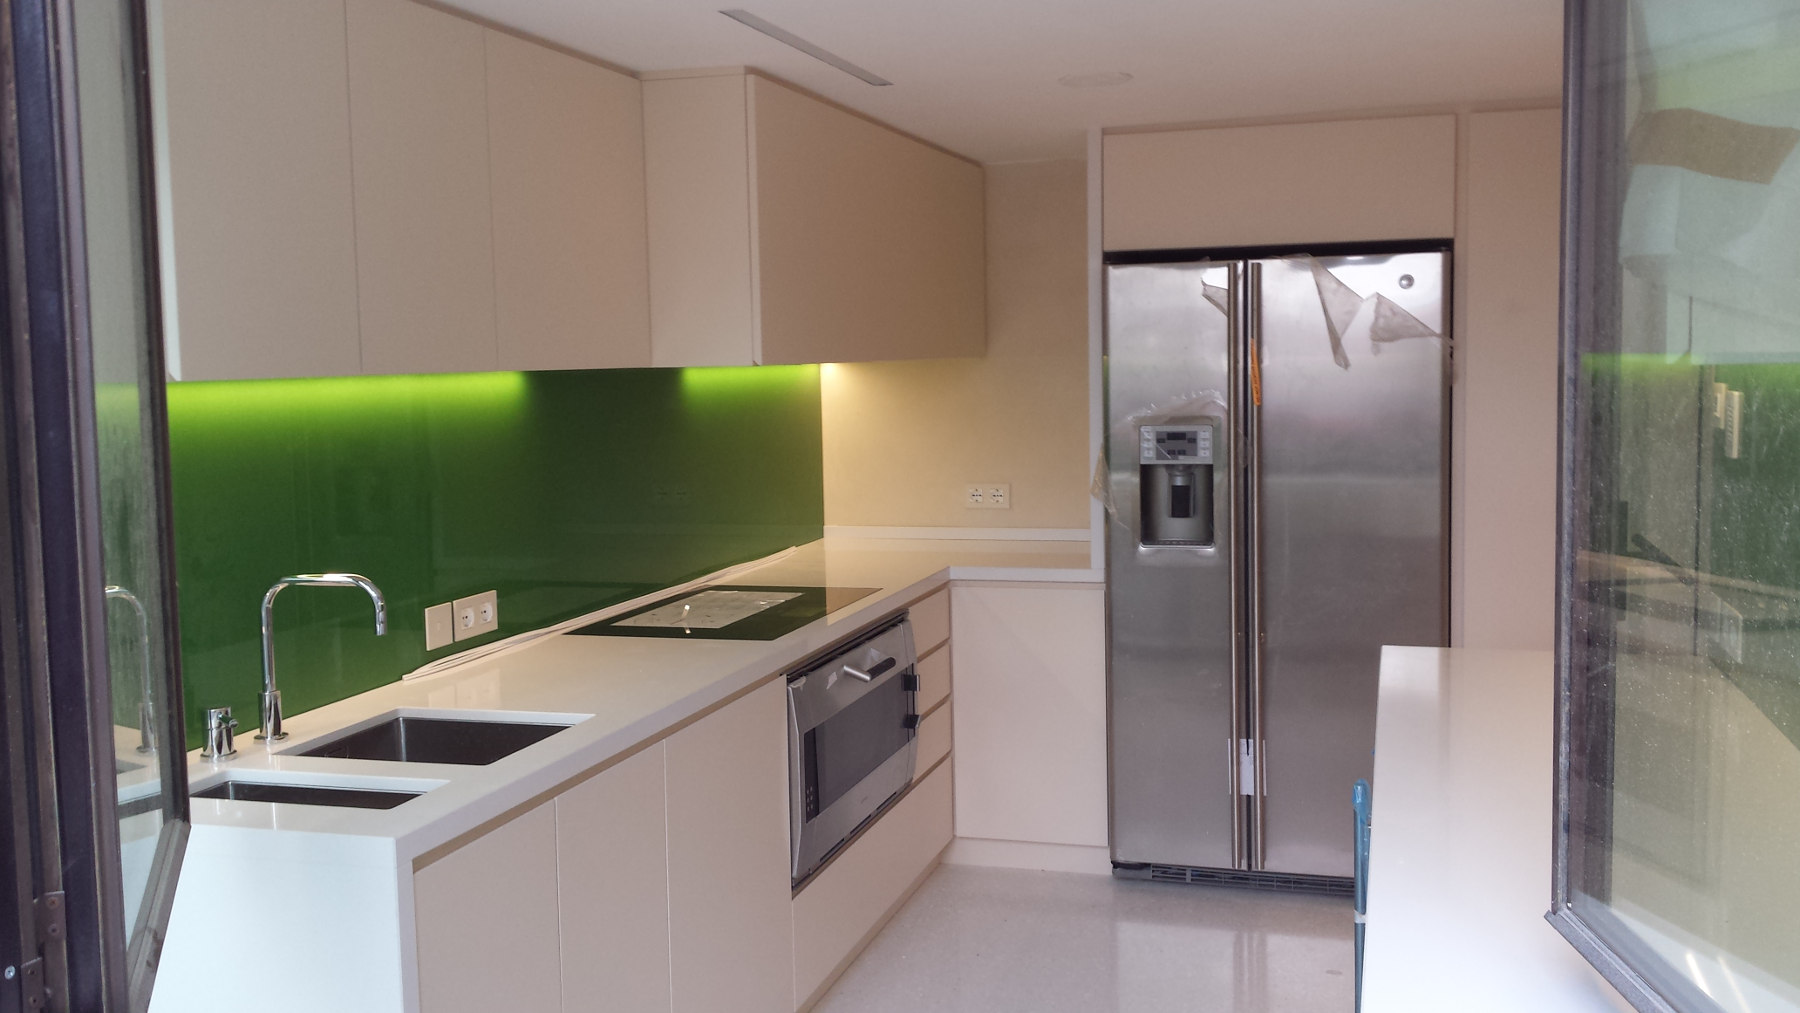 Cucina laccata con vetro verde smeraldo